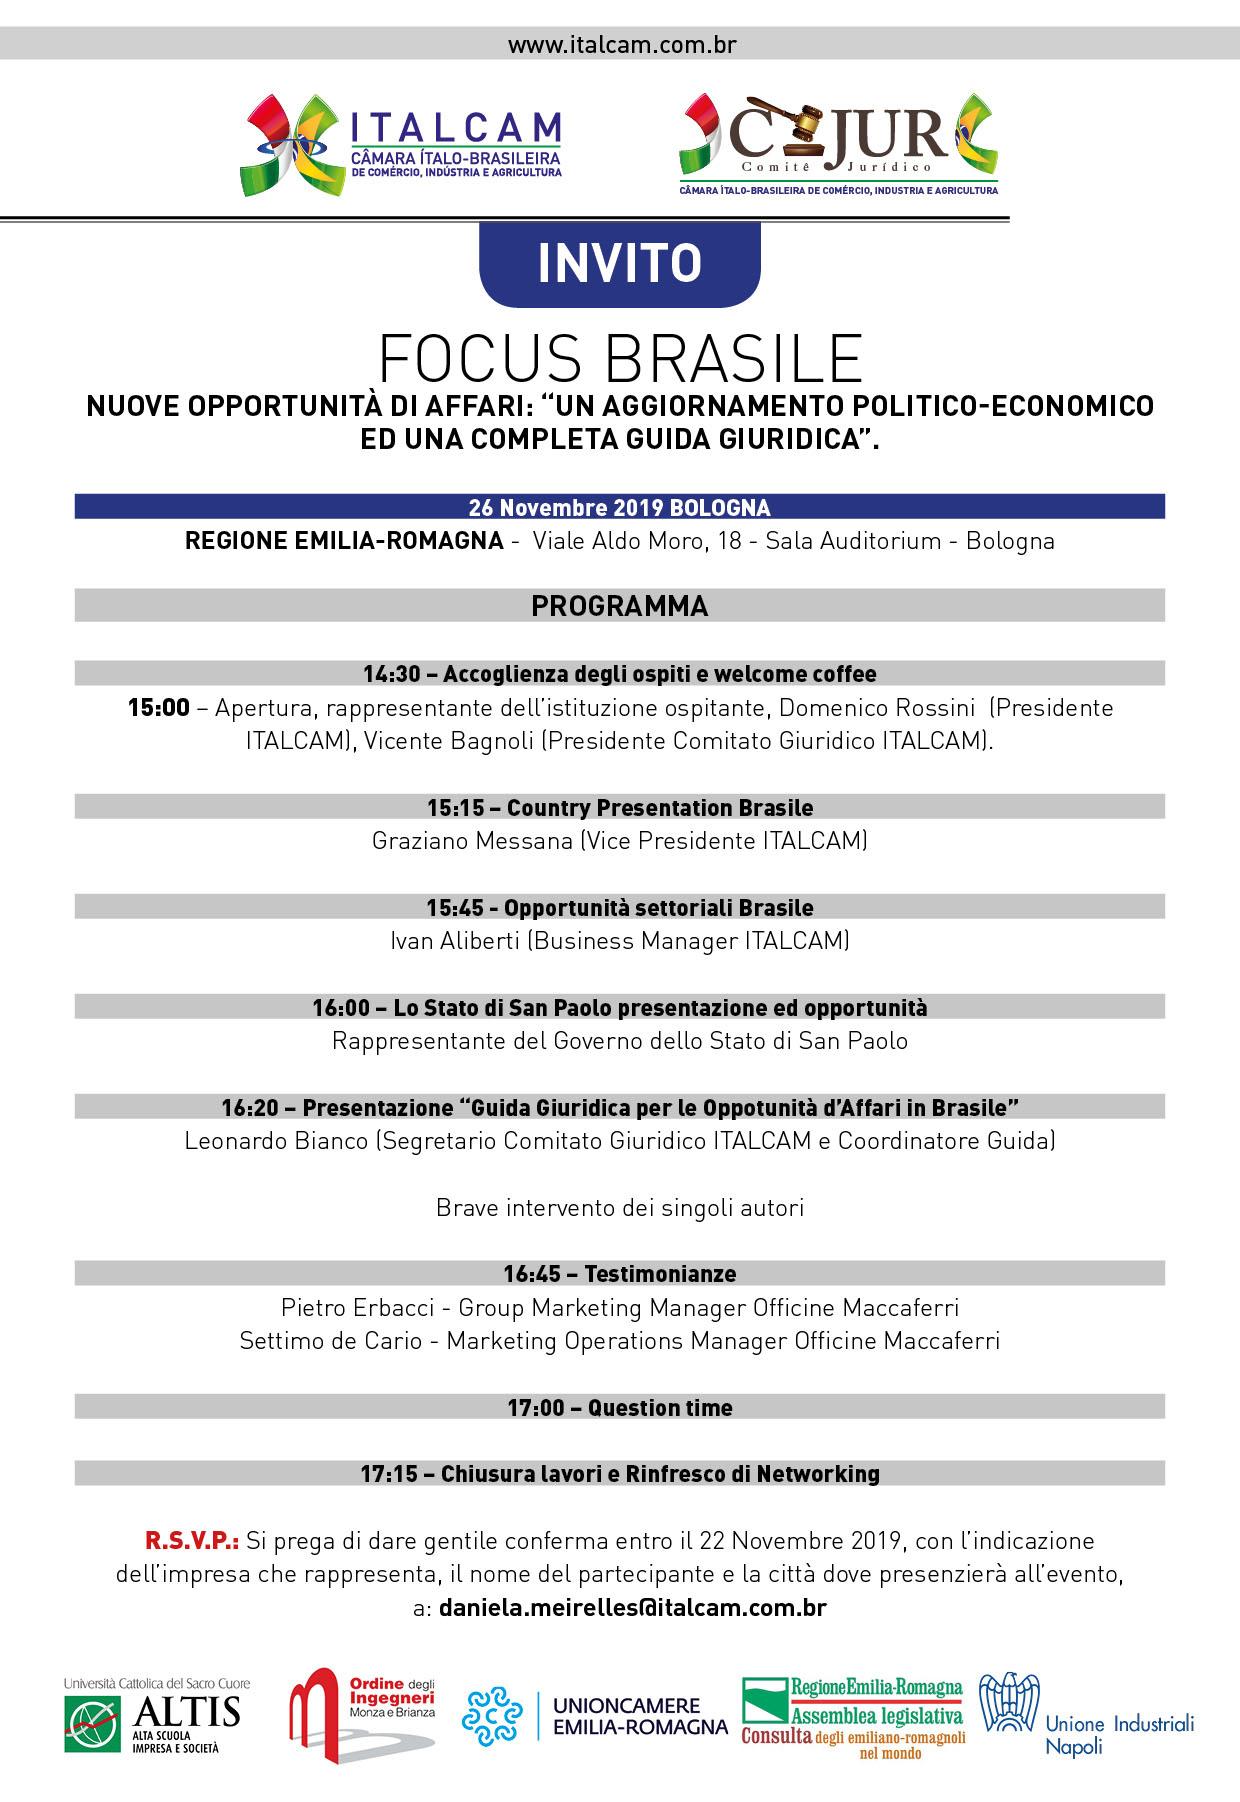 evento 26 novembre 2019 brasile